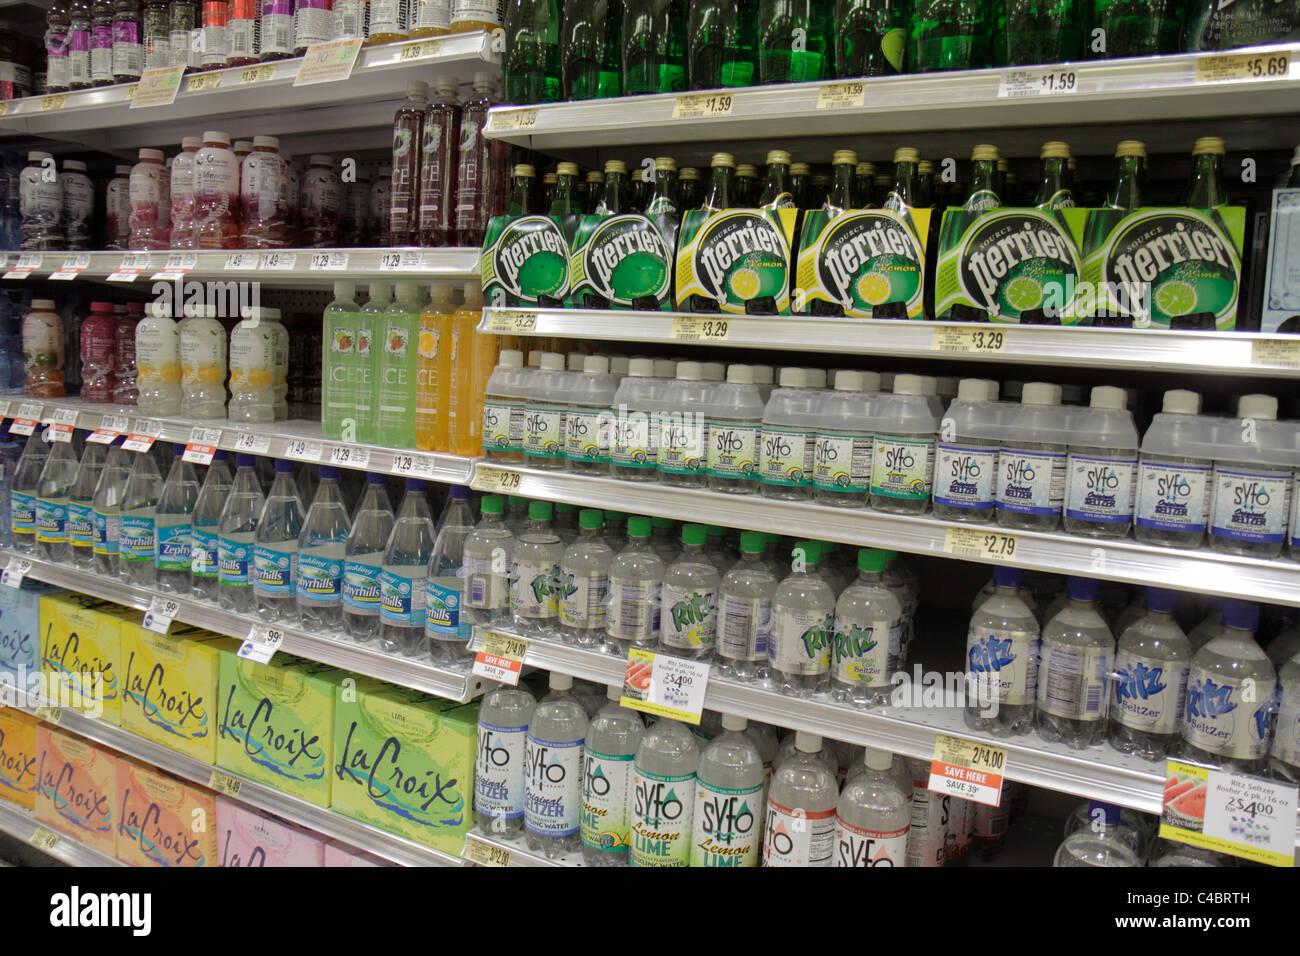 Ocala Florida supermercado Publix supermercado minorista envases mostrar marcas competidoras agua embotellada compras Imagen De Stock